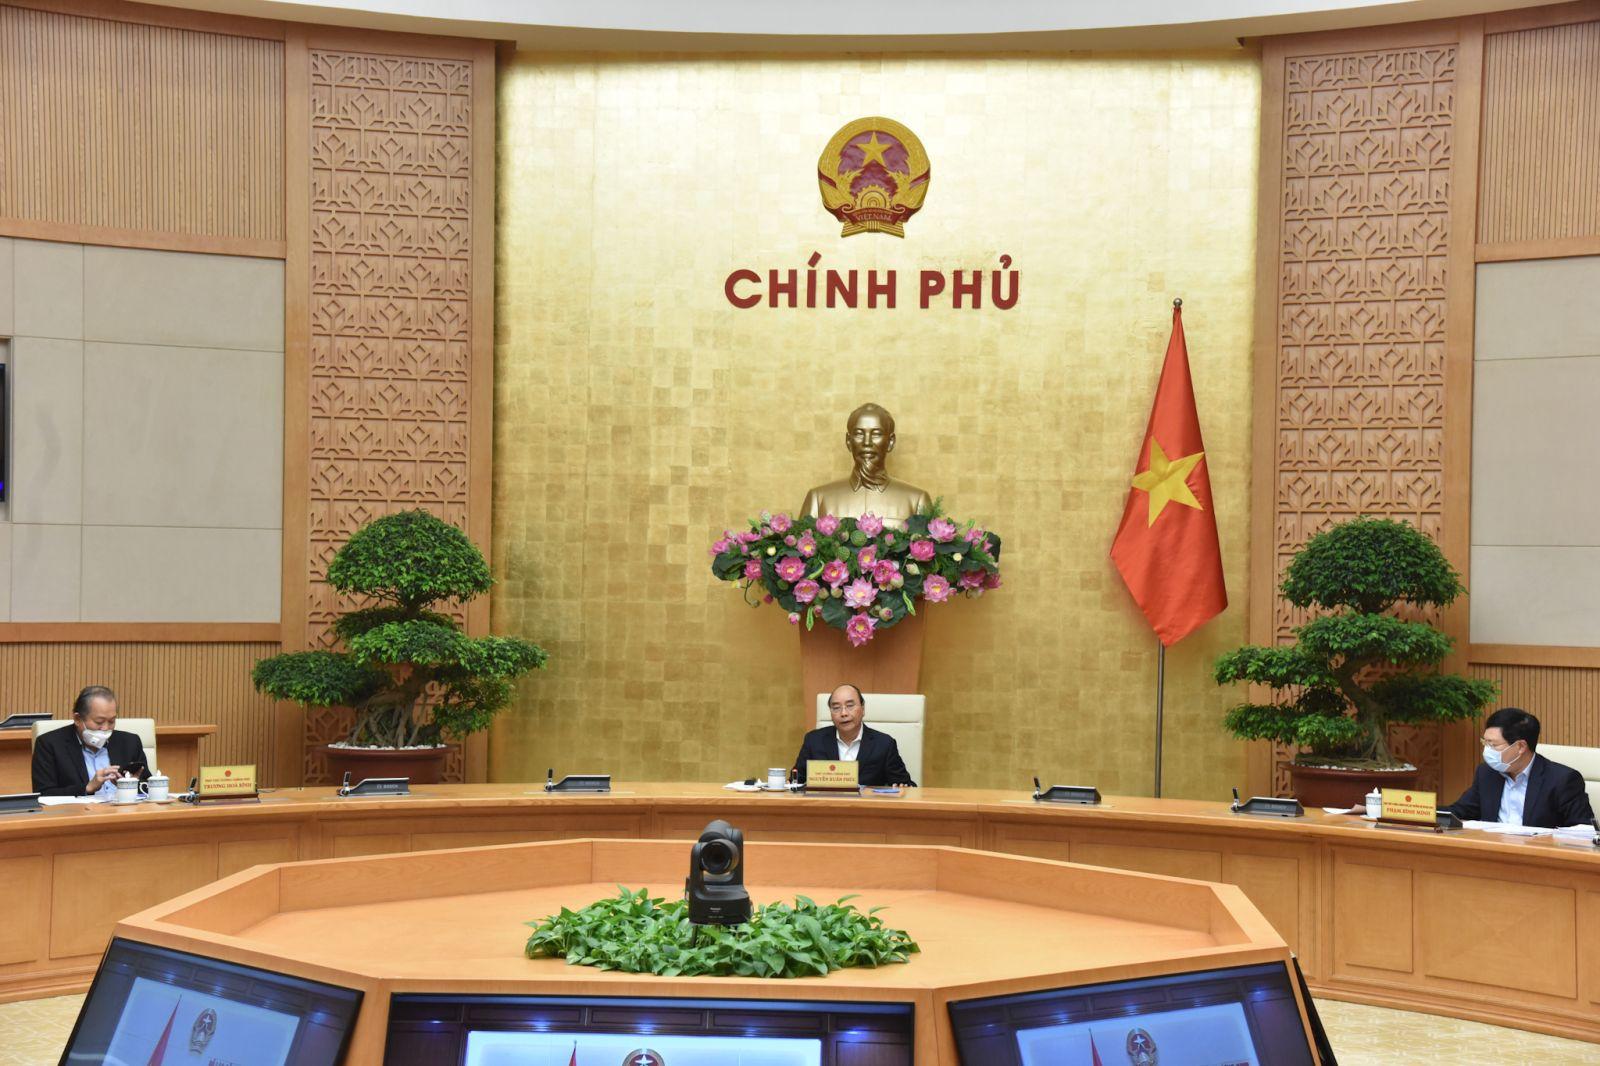 Thủ tướng Nguyễn Xuân Phúc chủ trì phiên họp Thường trực Chính phủ chiều 9-4-2020. Ảnh: VGP/Quang Hiếu